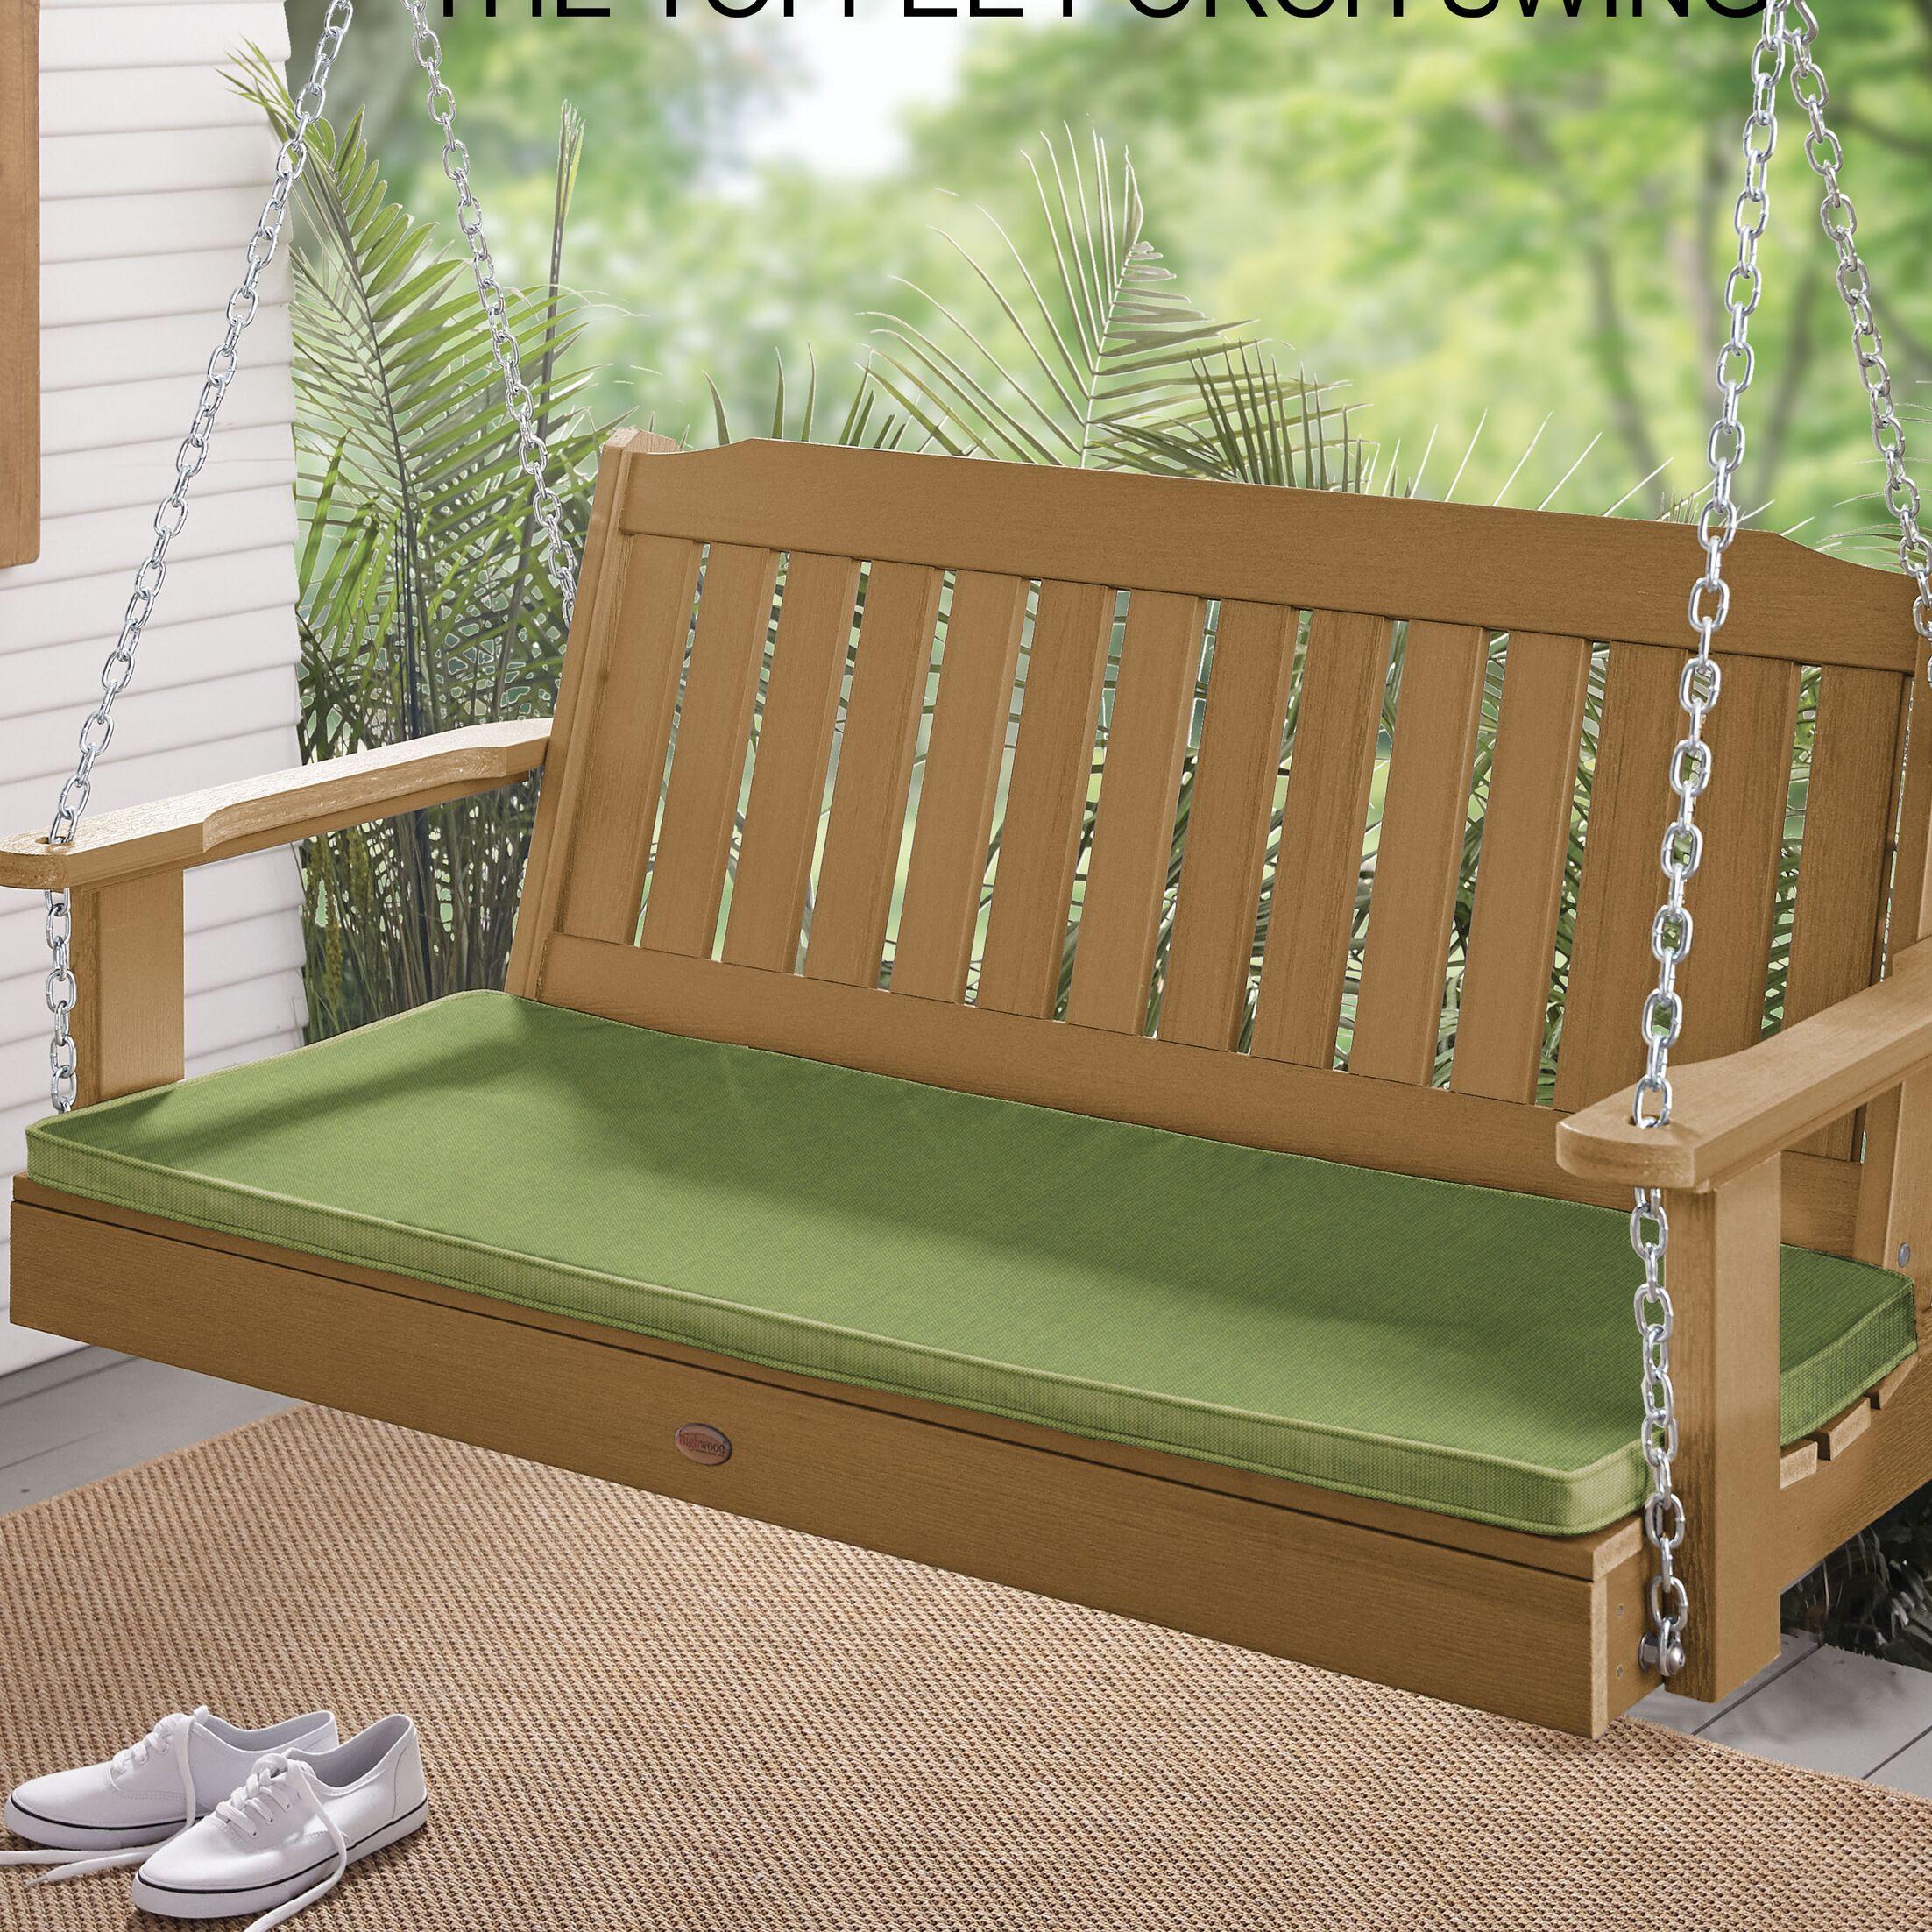 Indoor/Outdoor Sunbrella Bench Cushion Fabric: Spectrum Cilantro, Size: 1